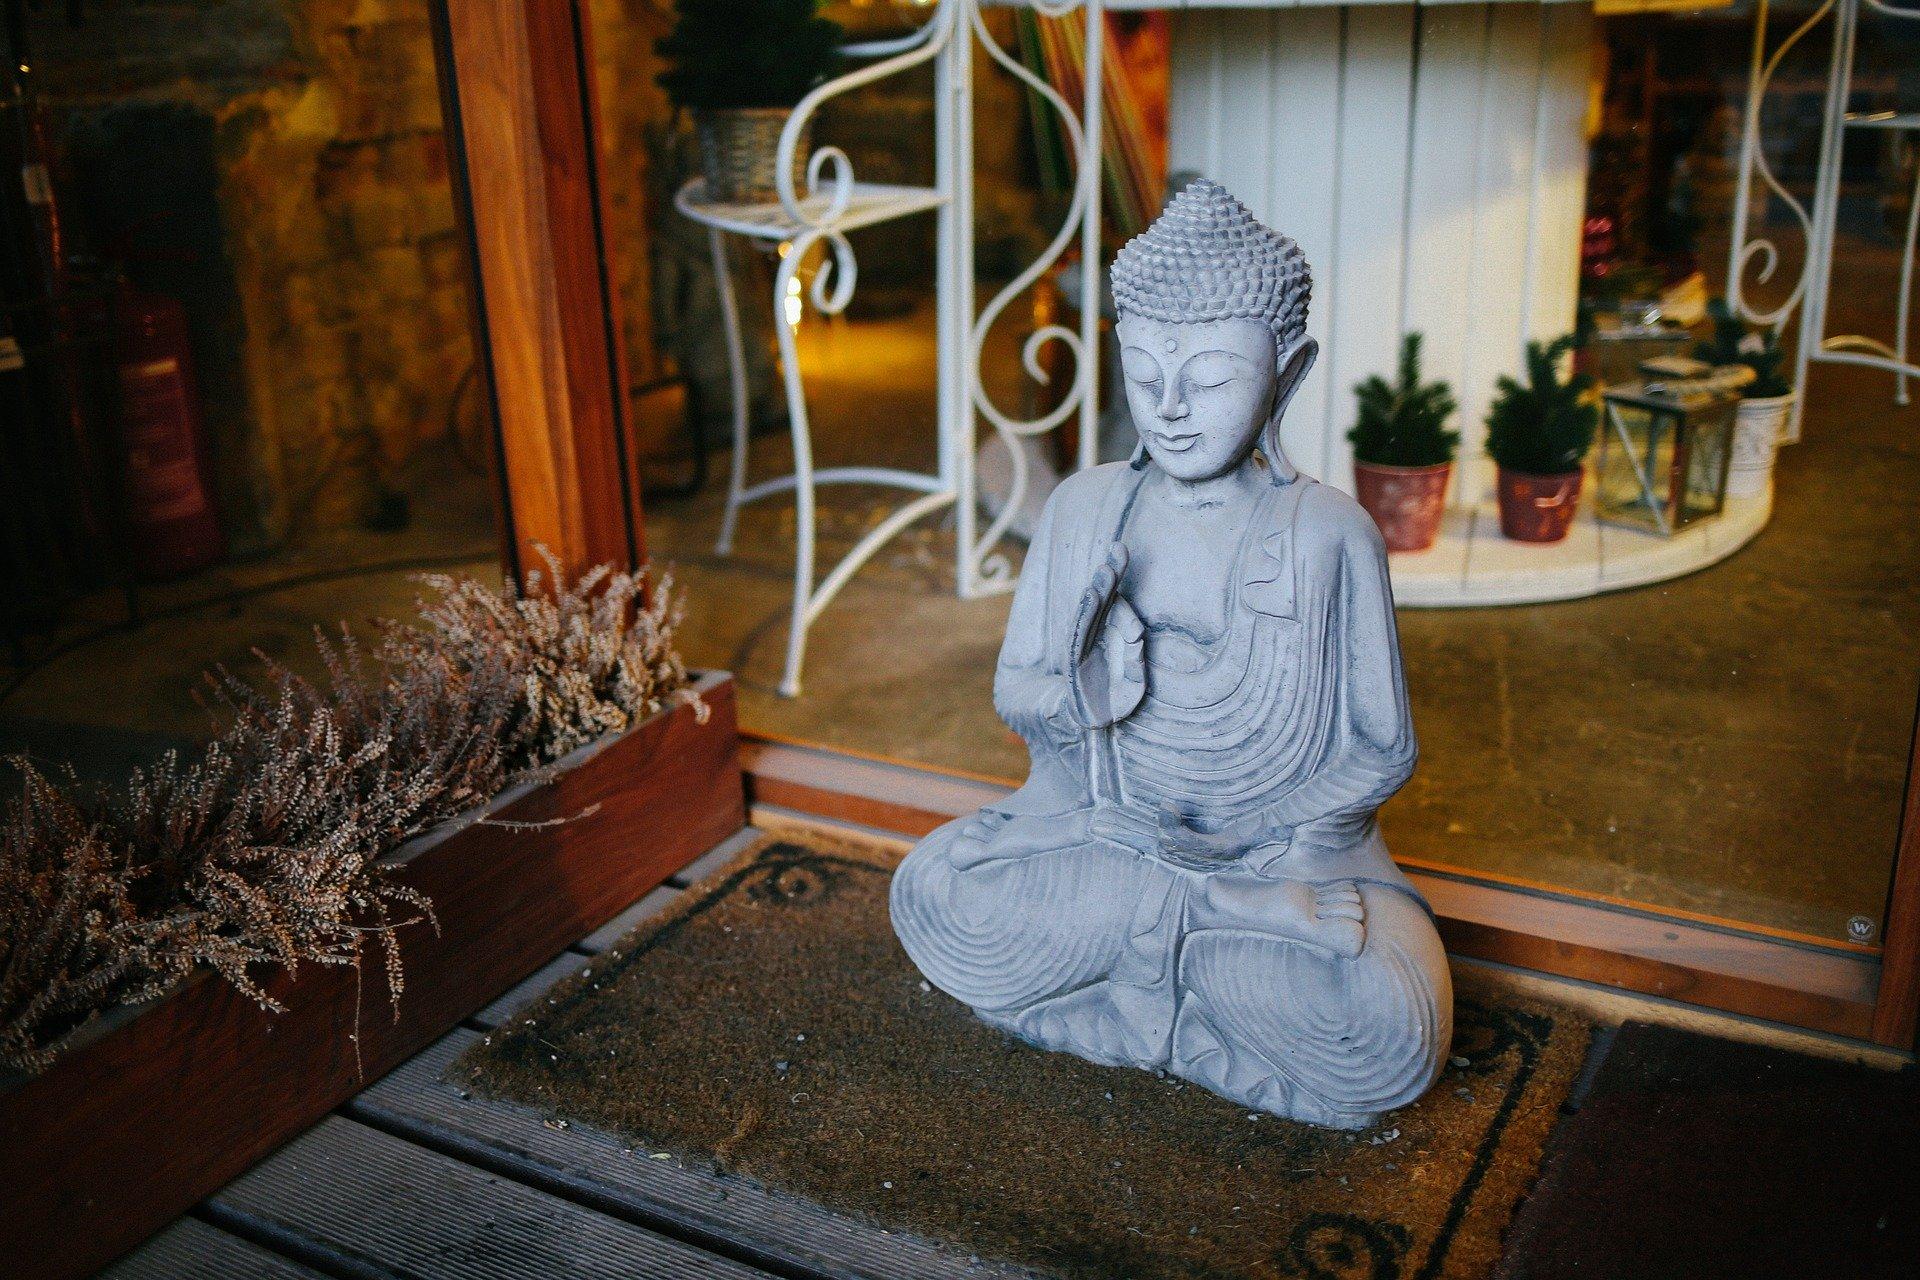 Estátua de Buda em cima de um tapete no quintal de uma casa.